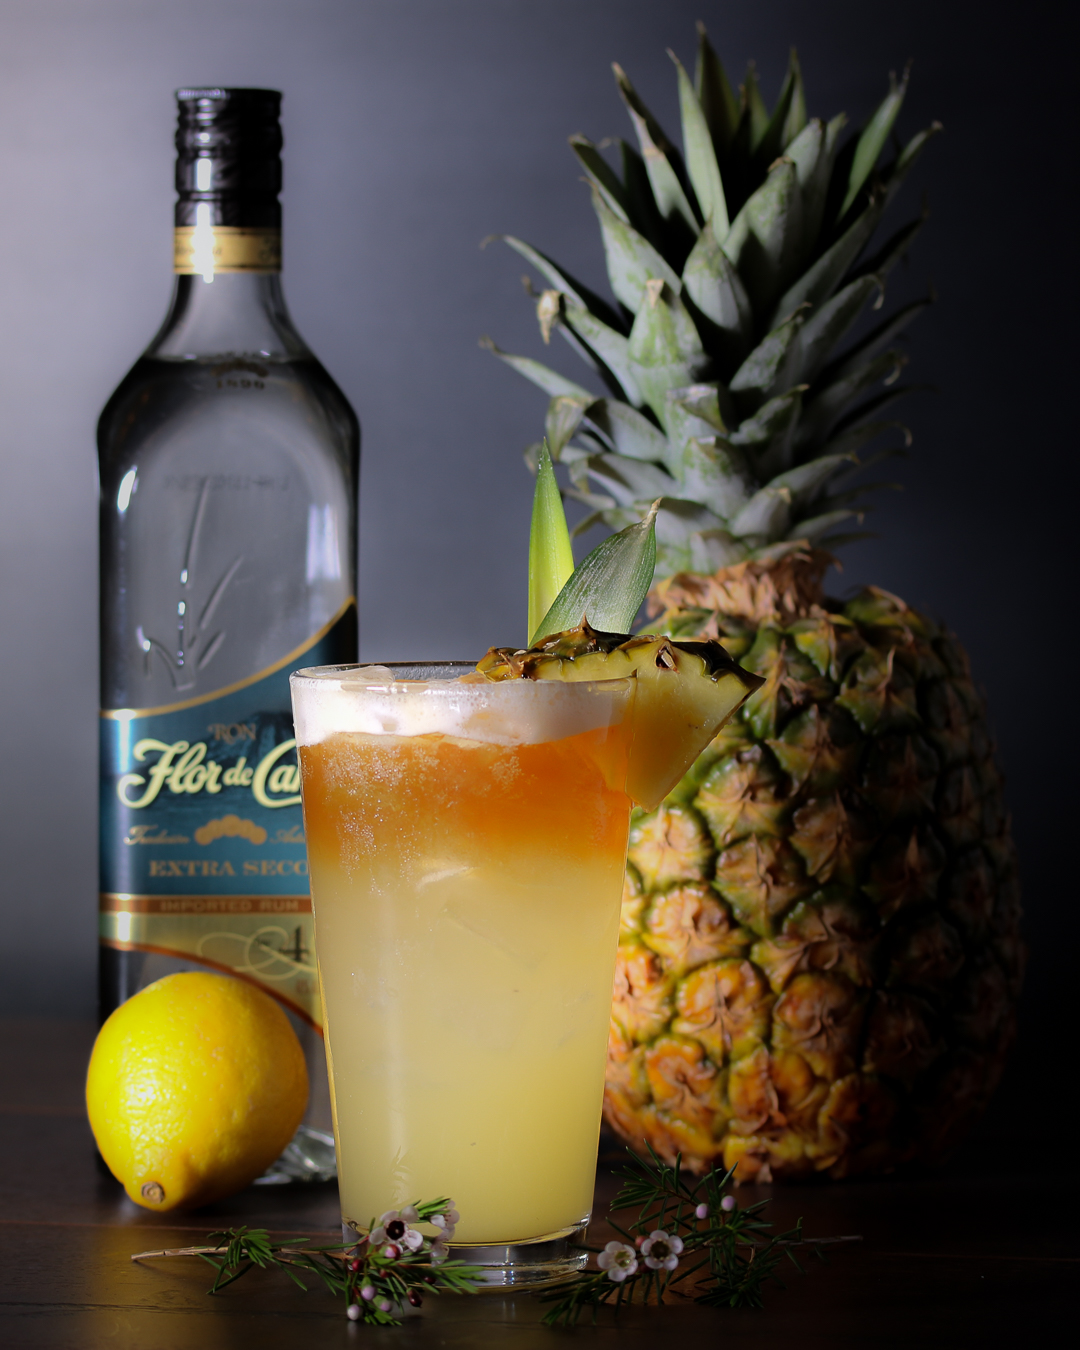 cocktails-04-02-19-9501.jpg